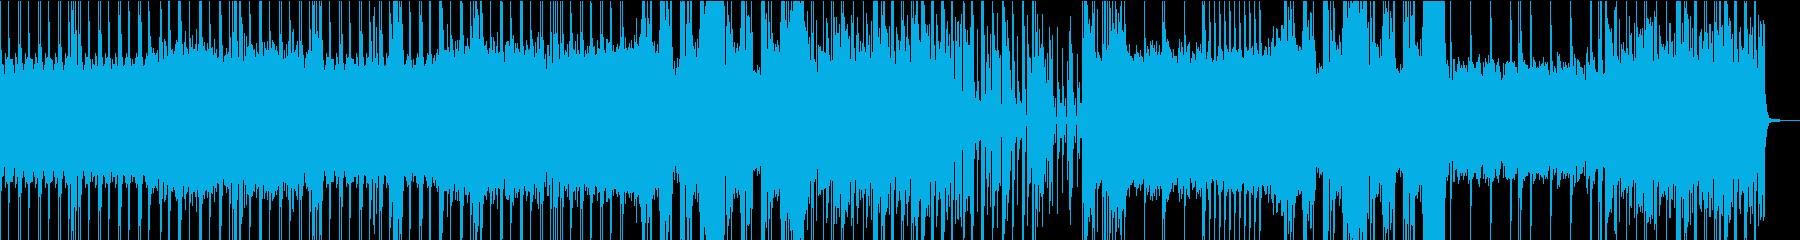 緊迫感のあるエレクトロビートの再生済みの波形